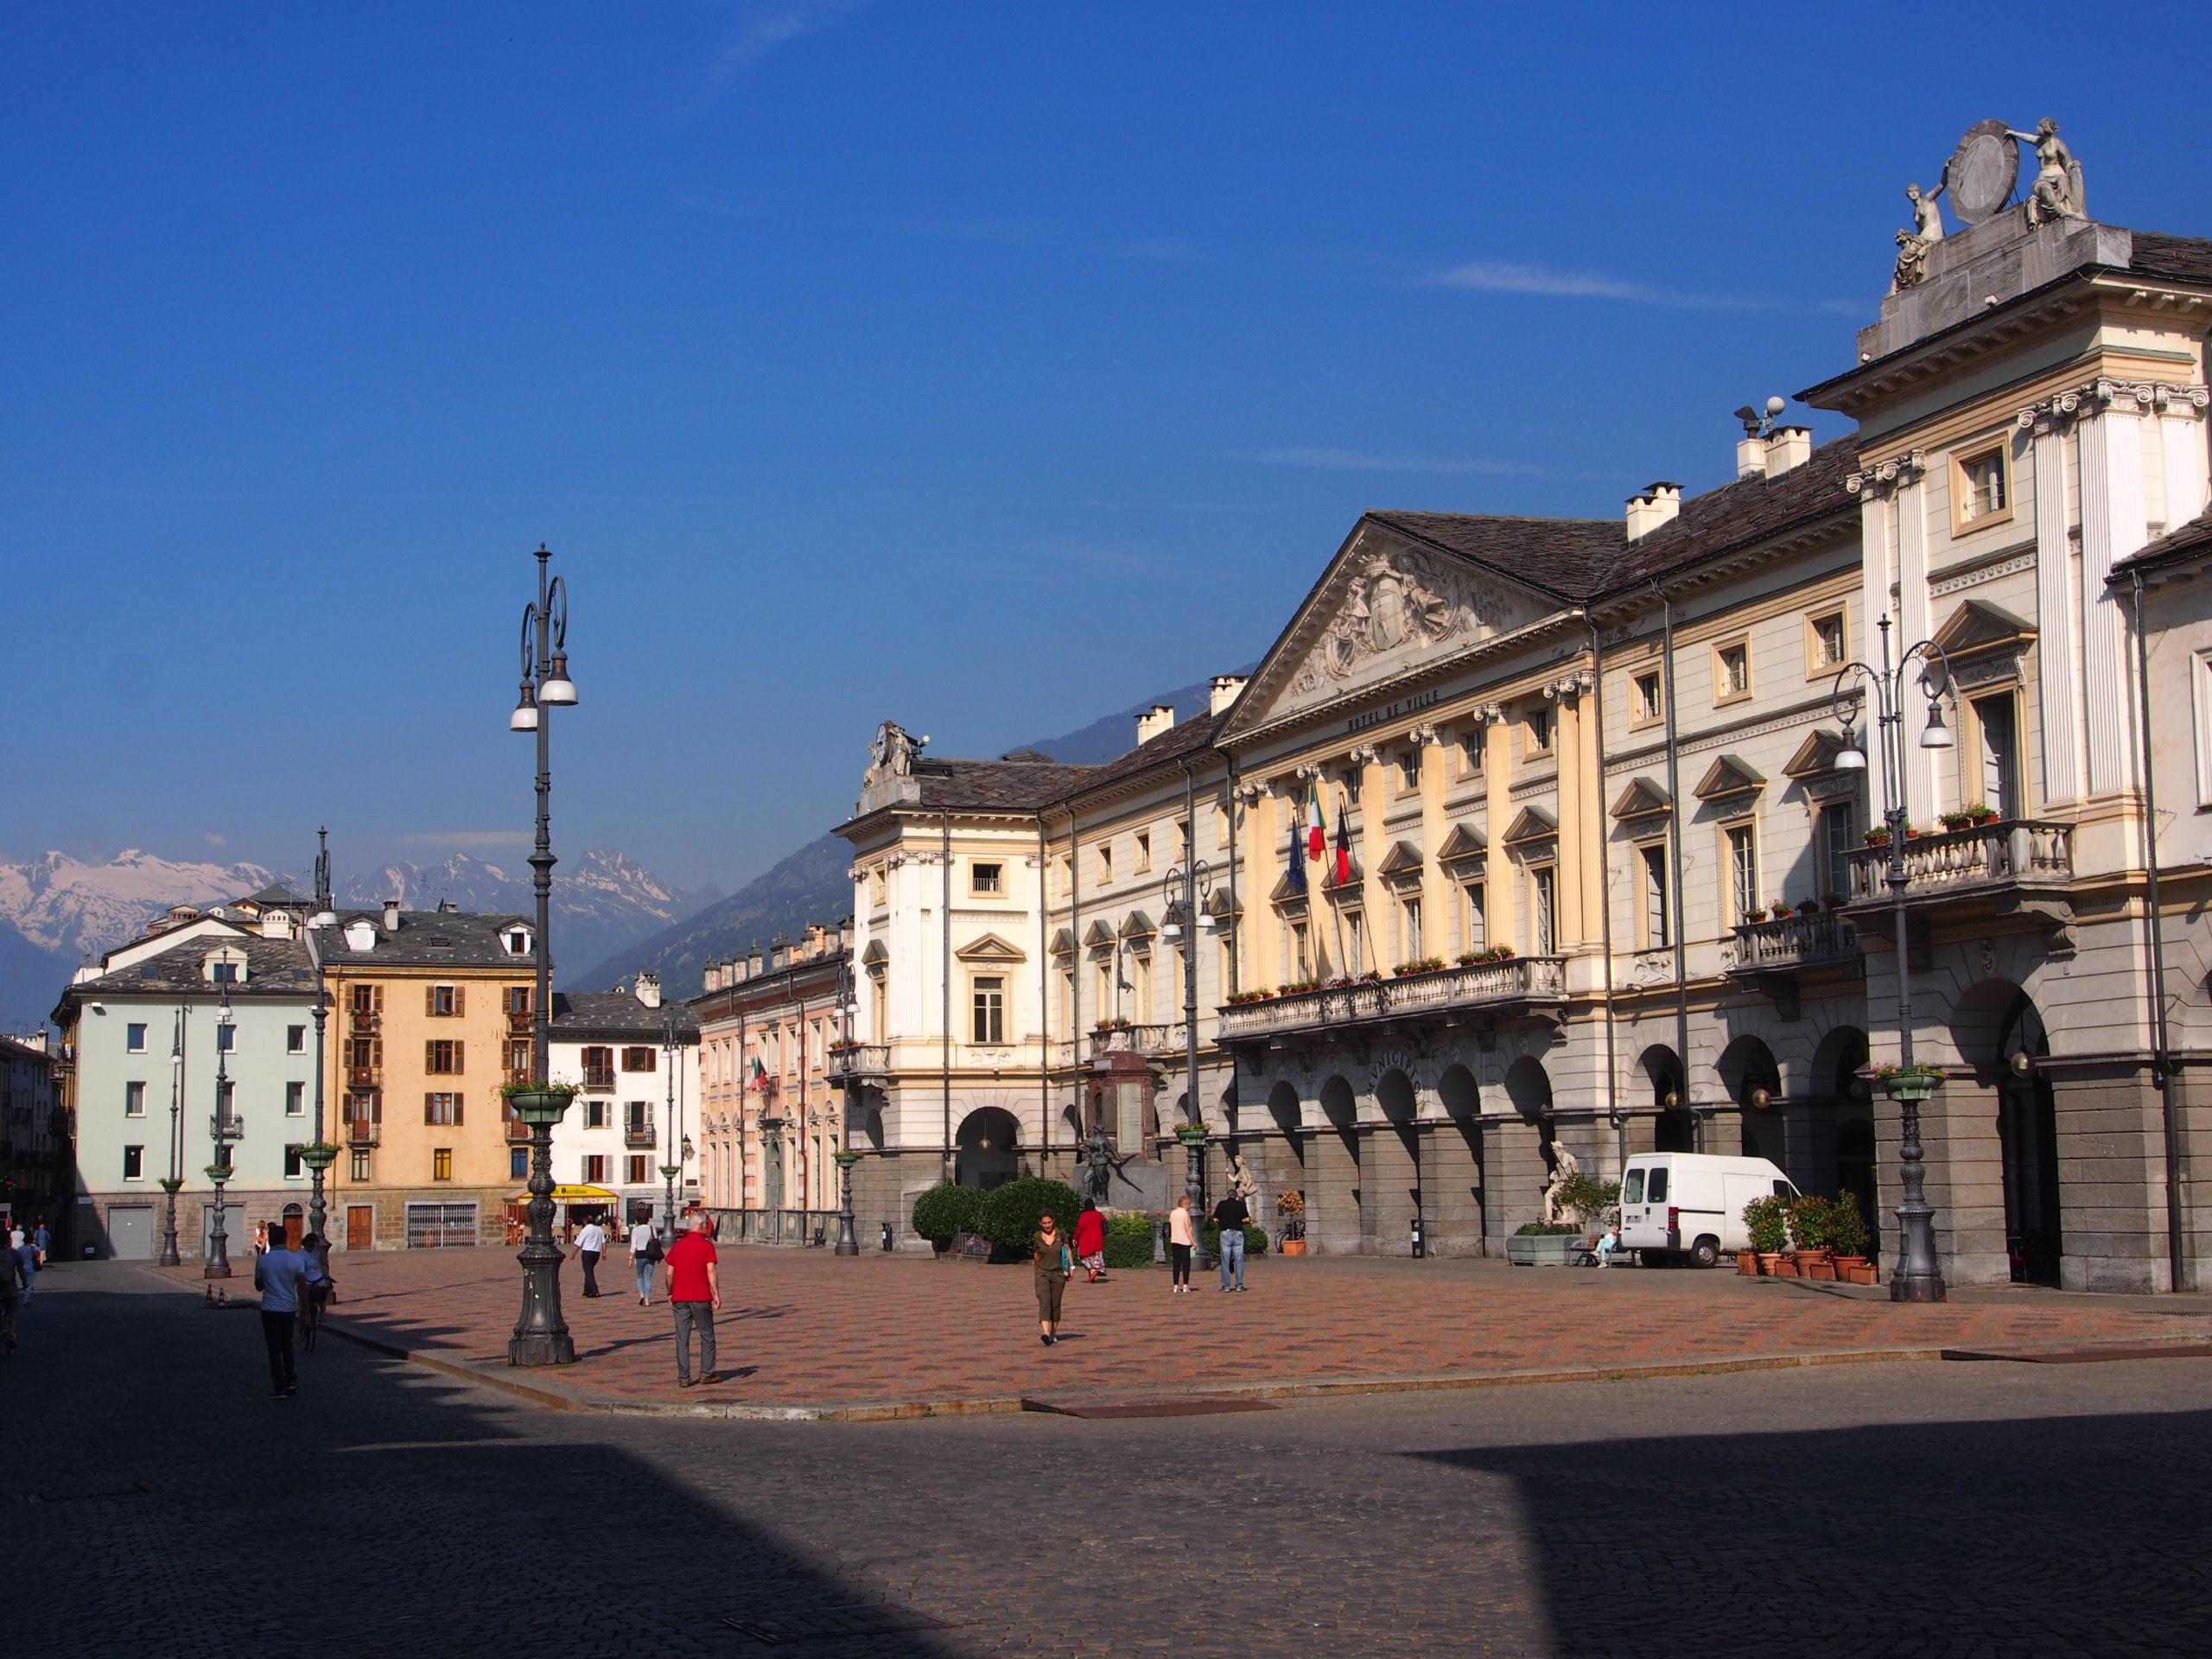 Main Square in Aosta